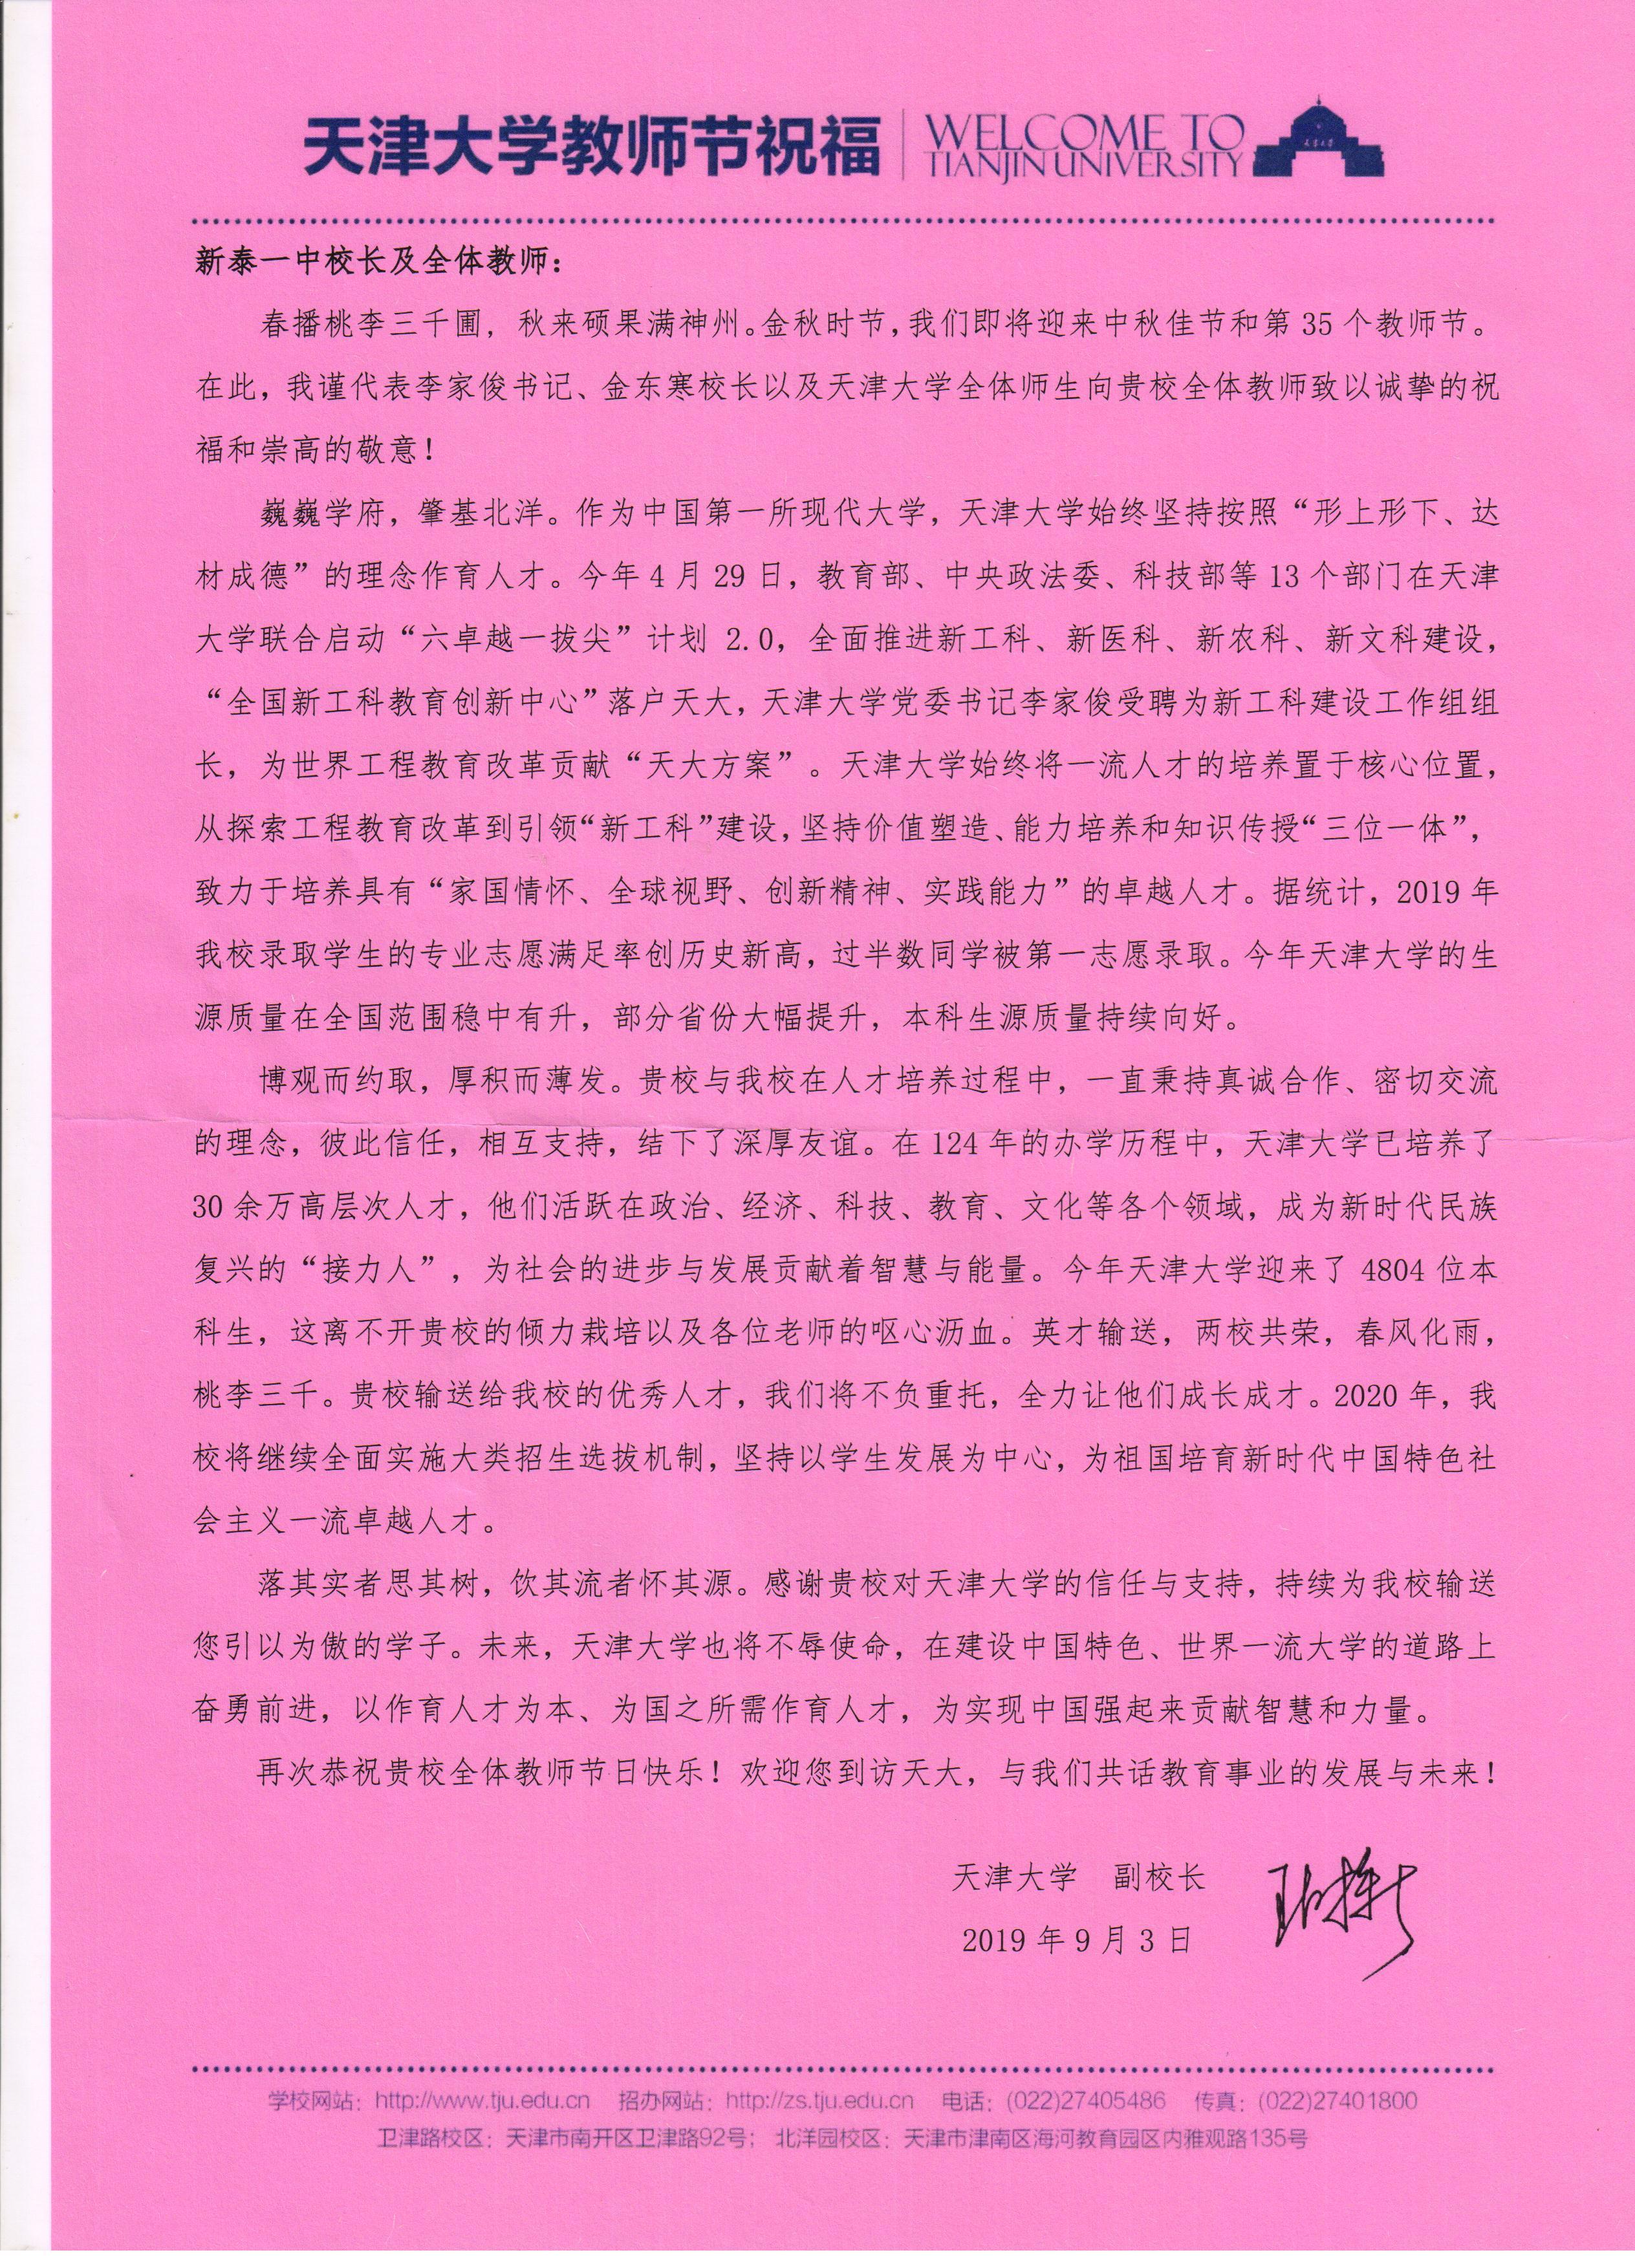 大学老师的教师节祝福语 教师节祝福语代表班级